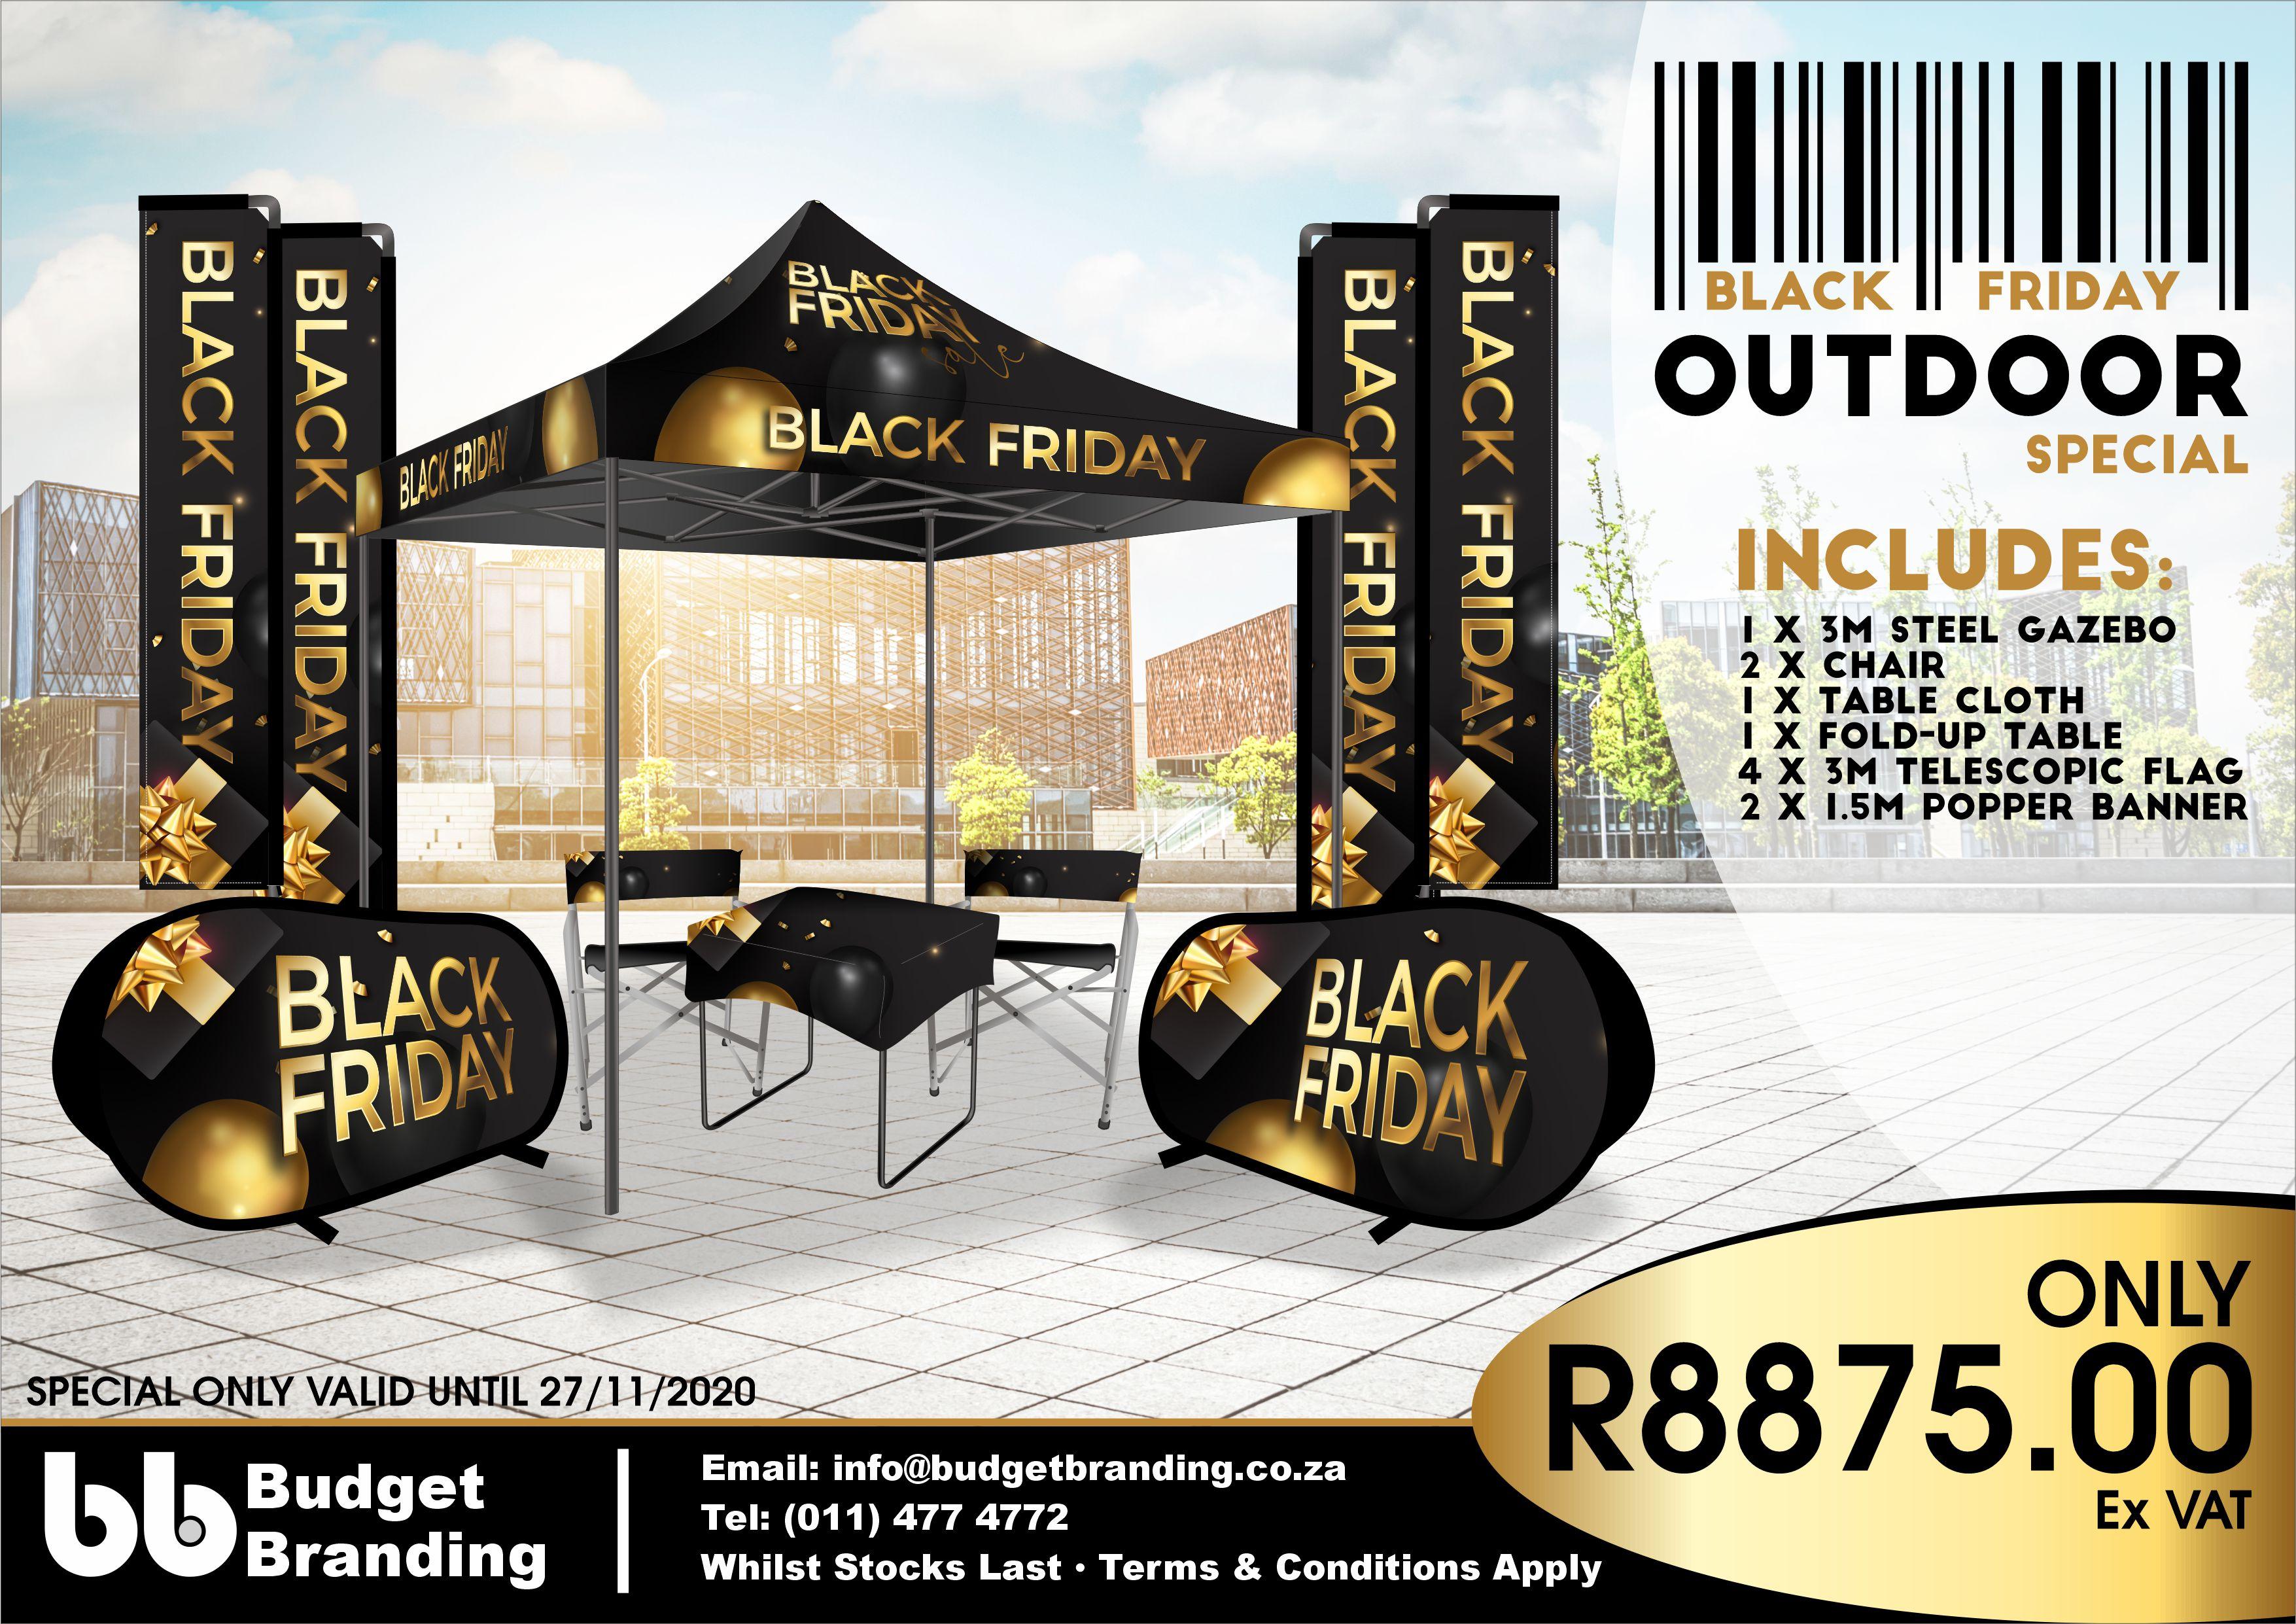 Black Friday Outdoor Special (1)